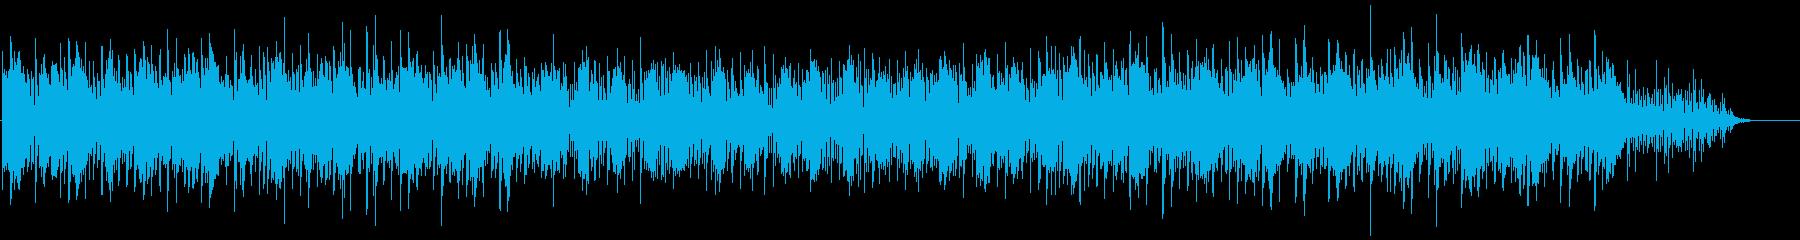 瑞々しさを感じさせる優しいBGMの再生済みの波形